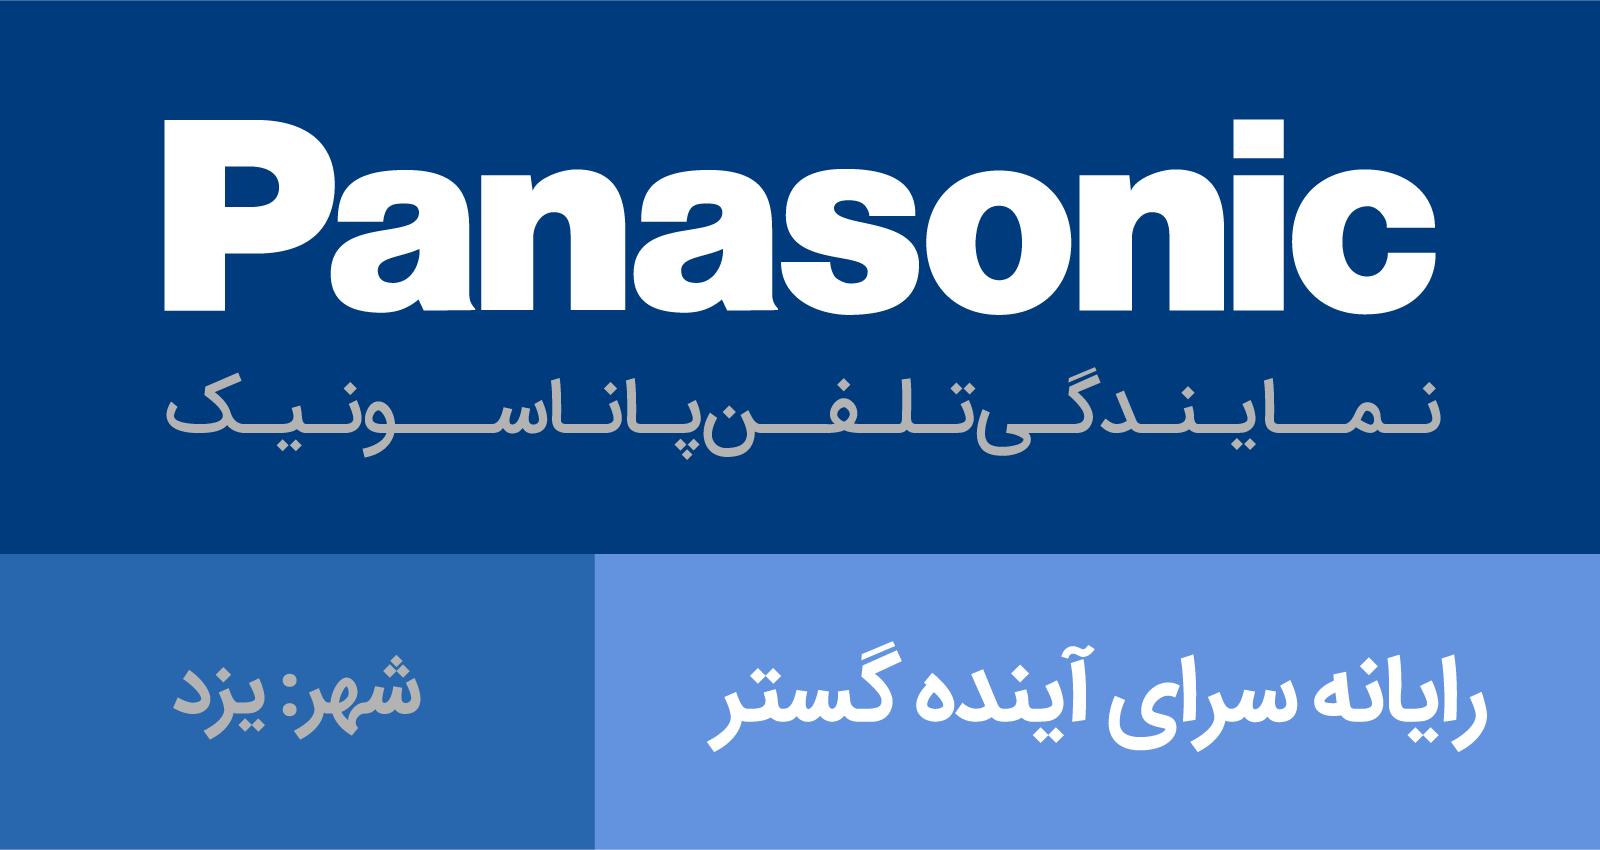 نمایندگی پاناسونیک یزد - رایانه سرای آینده گستر